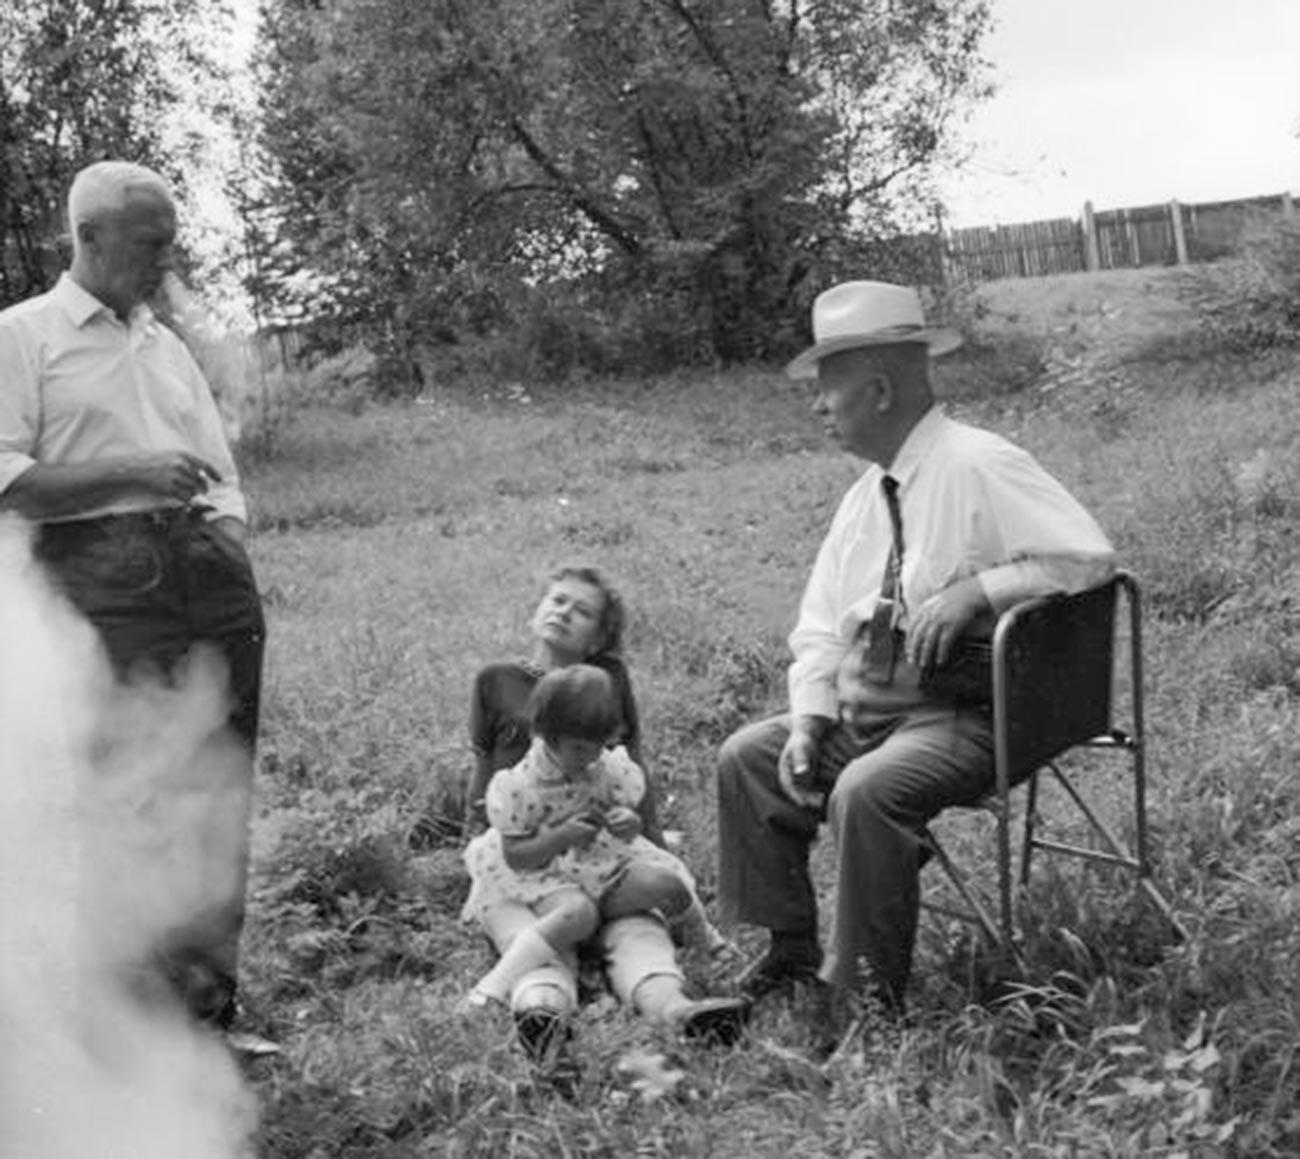 Никита Хрушчов, Роман Кармен и жена са девојчицом на ливади.